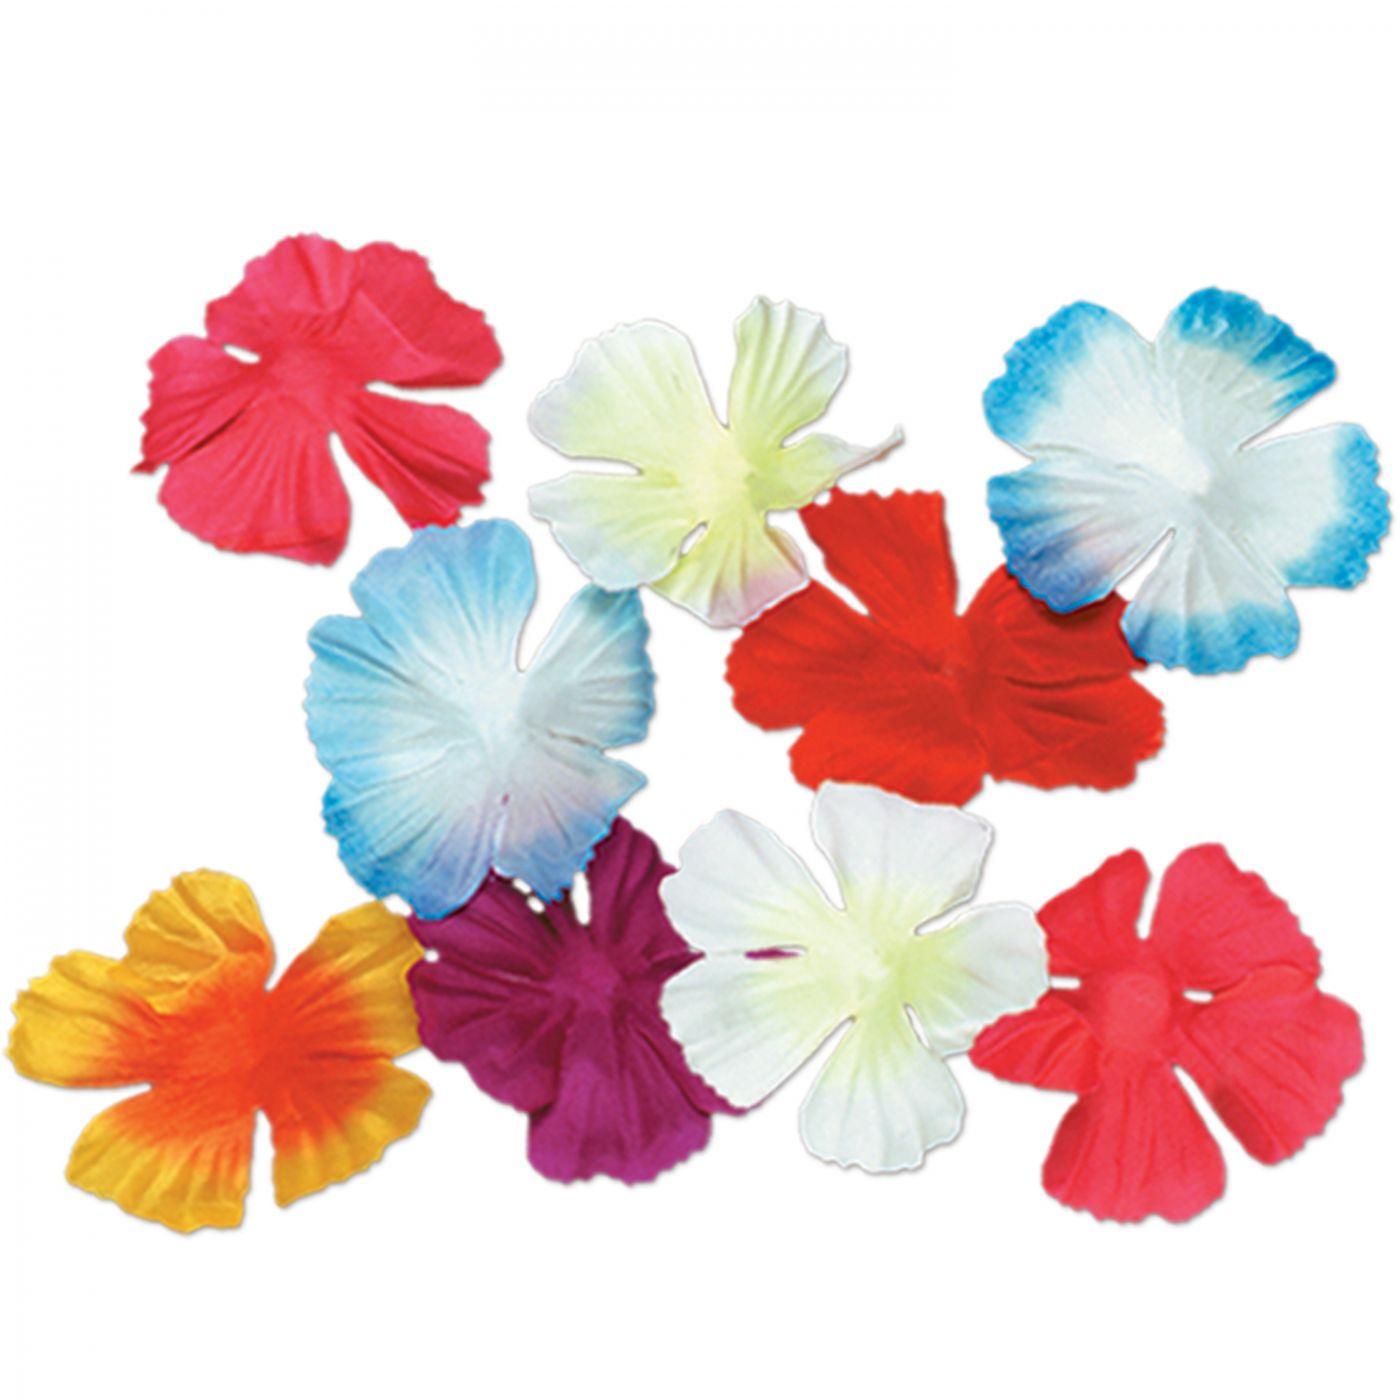 Parti-Color Silk 'N Petals (24) image